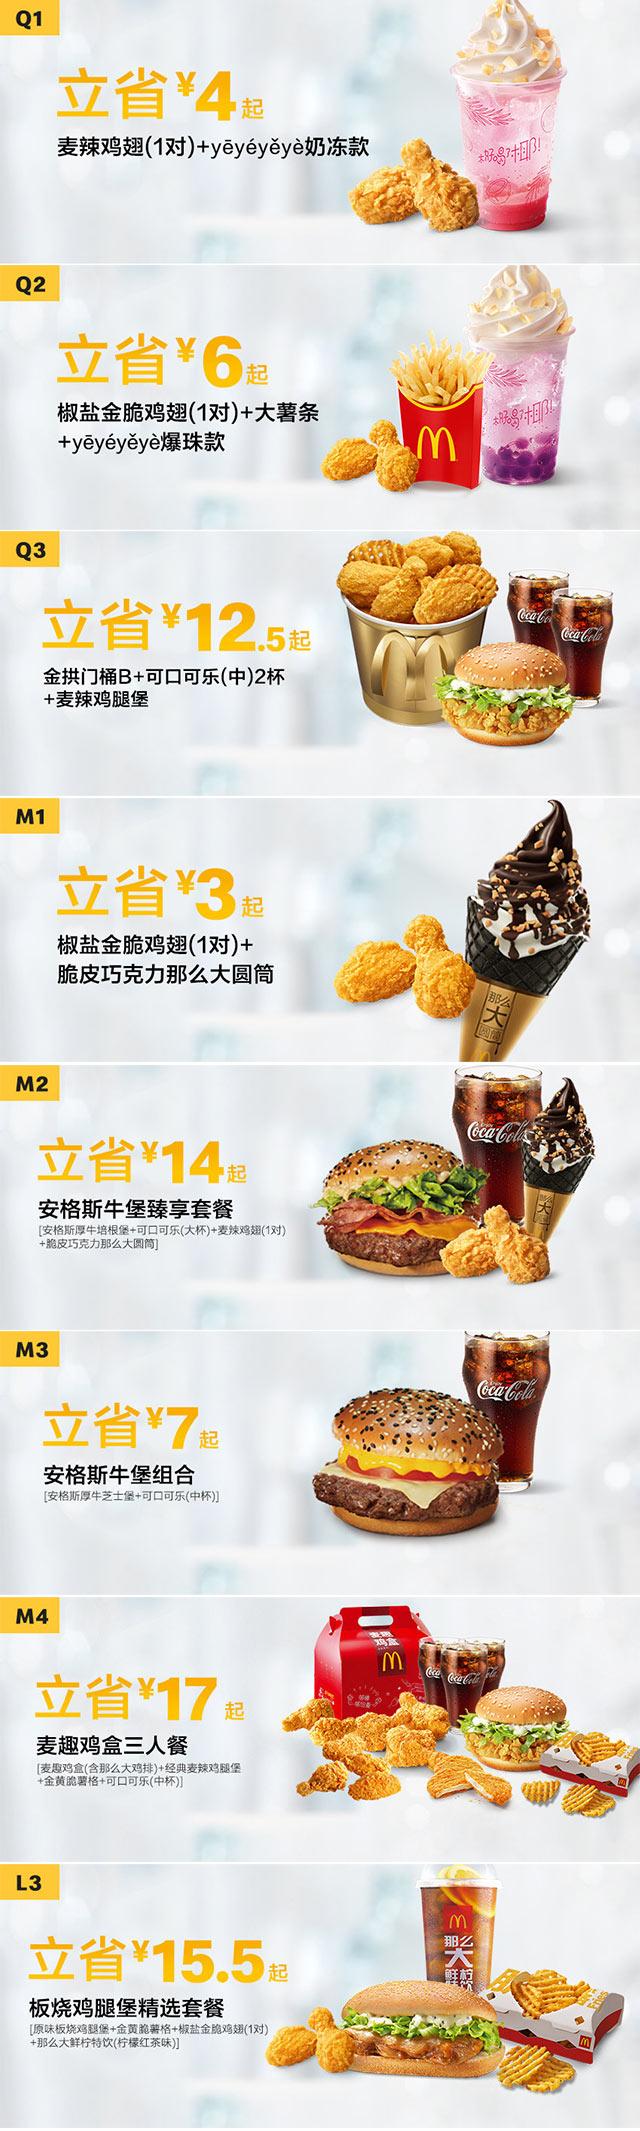 优惠券图片:麦当劳优惠券2019年5月15日至6月4日整张版本,点餐手机出示或报优惠码有优惠价 有效期2019年05月15日-2019年06月4日